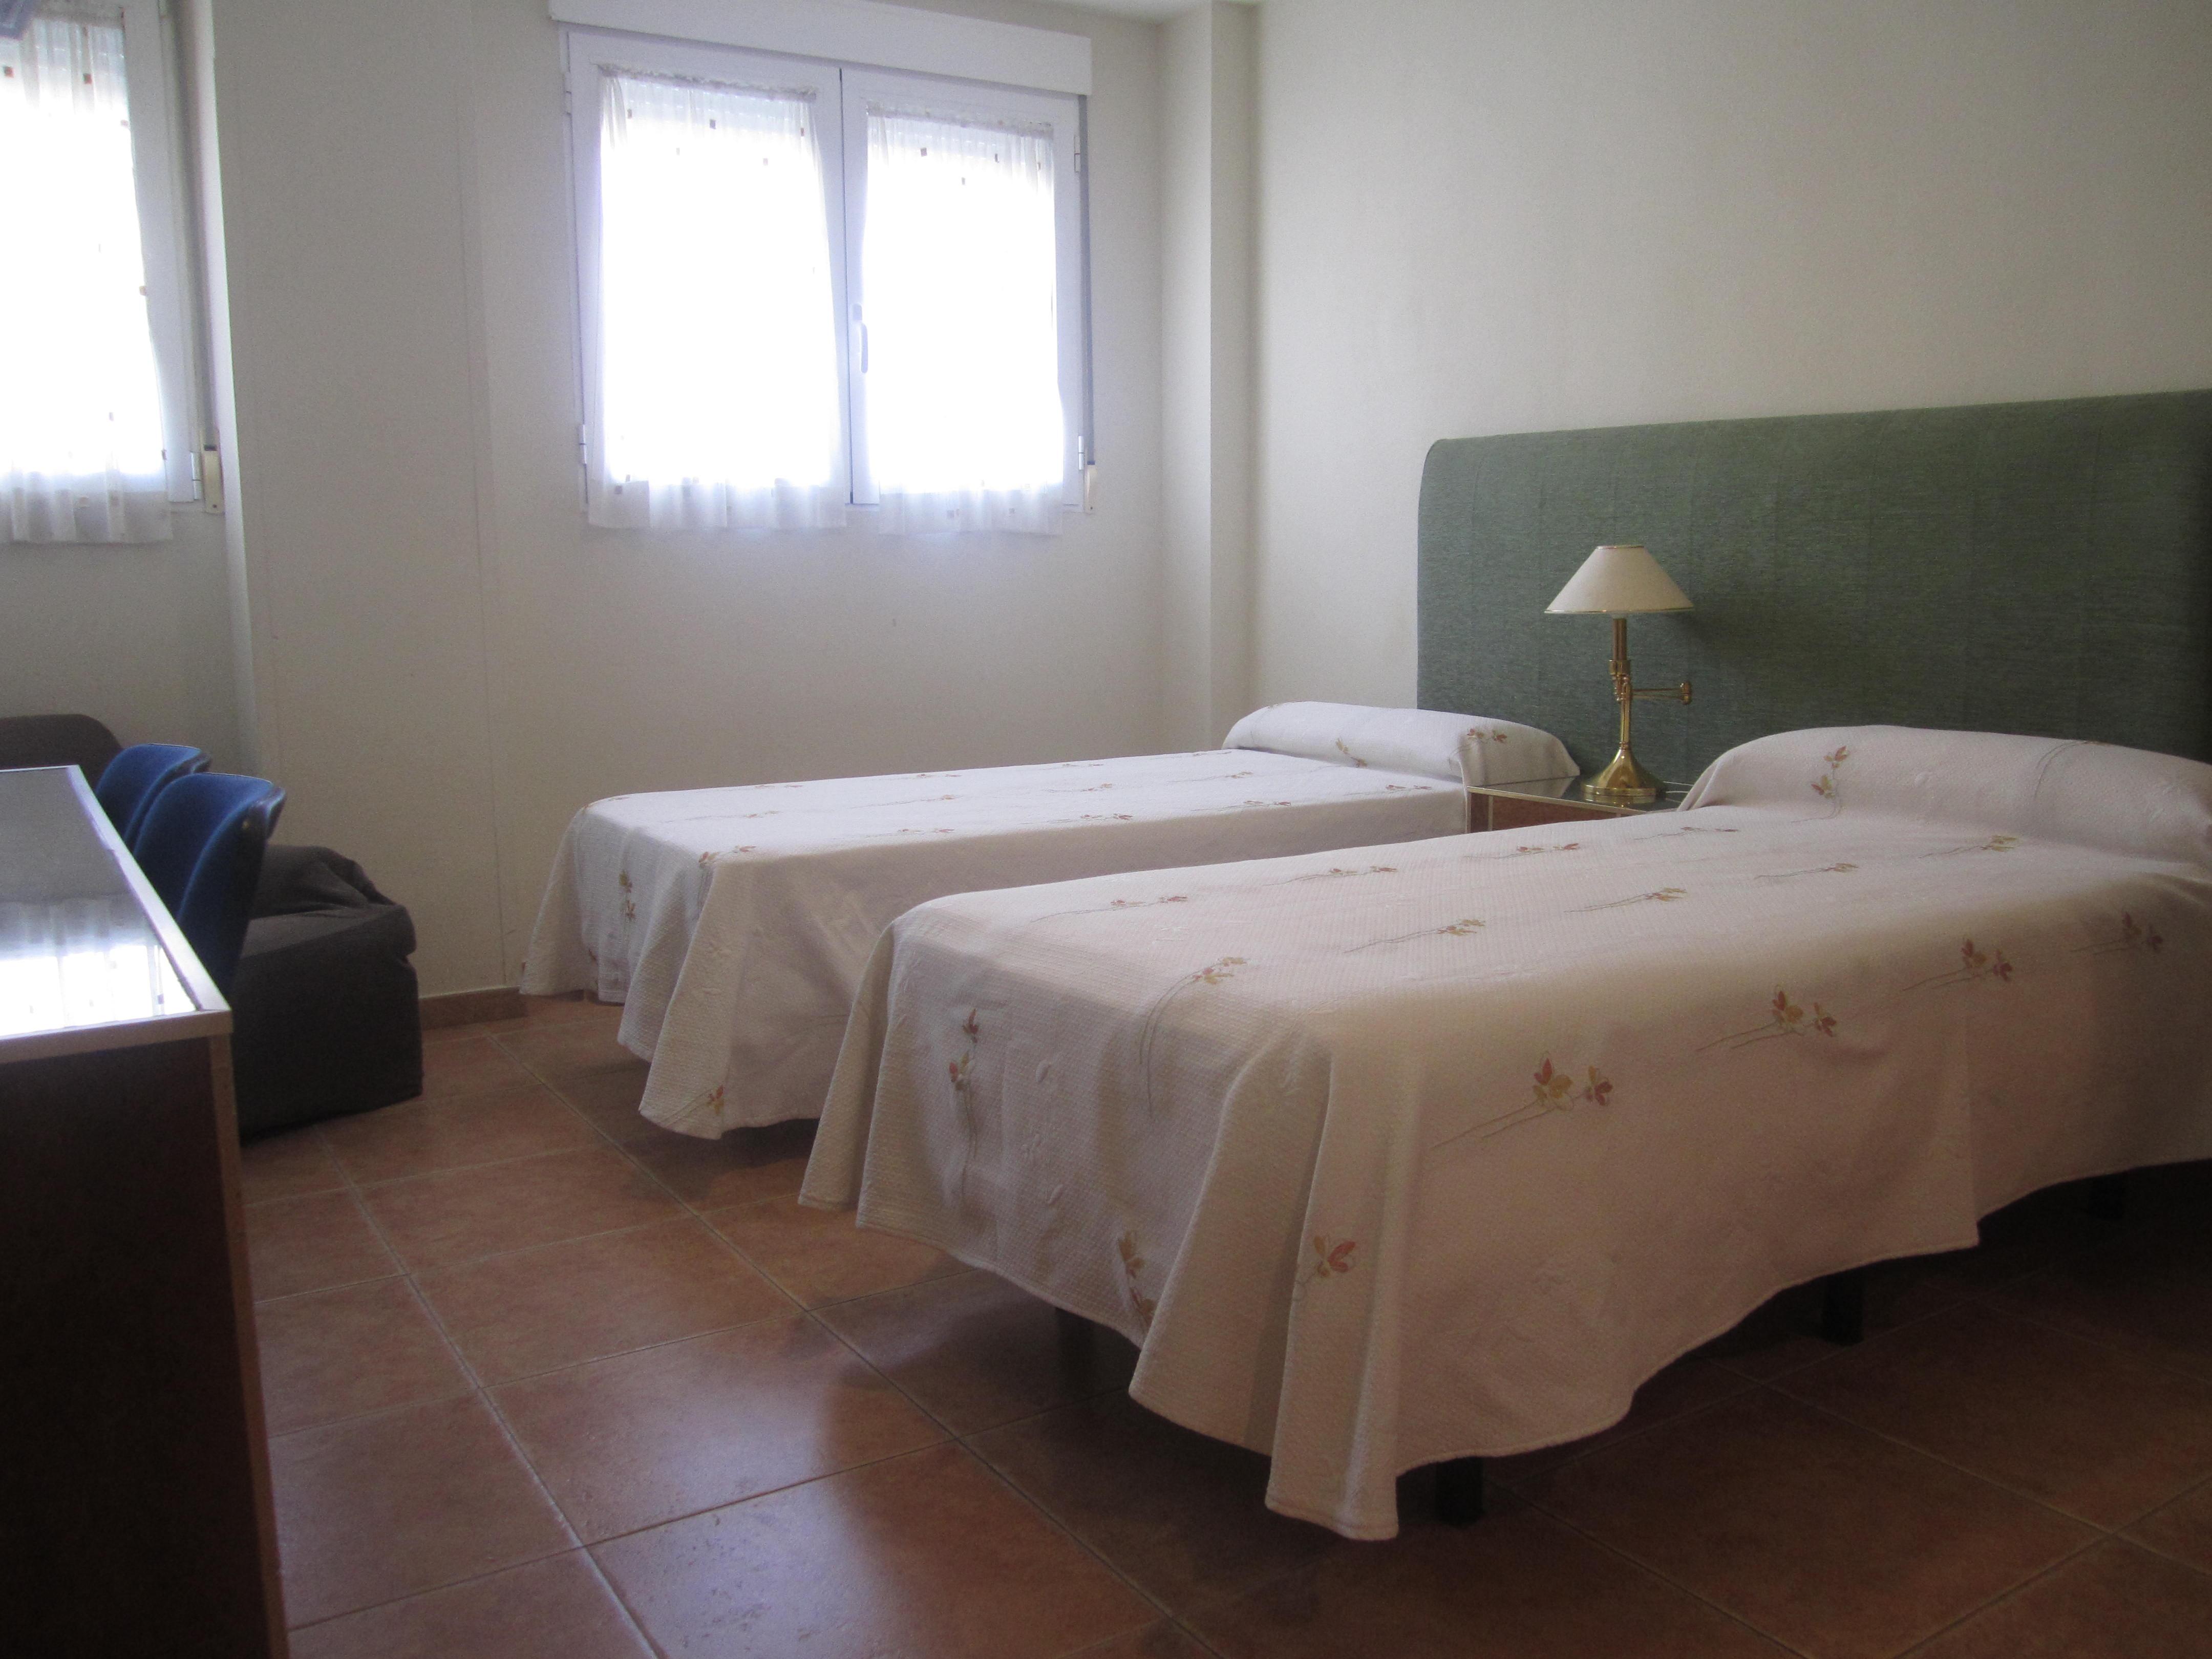 Habitación doble con dos camas separadas | Hostal el Estudio en Almansa